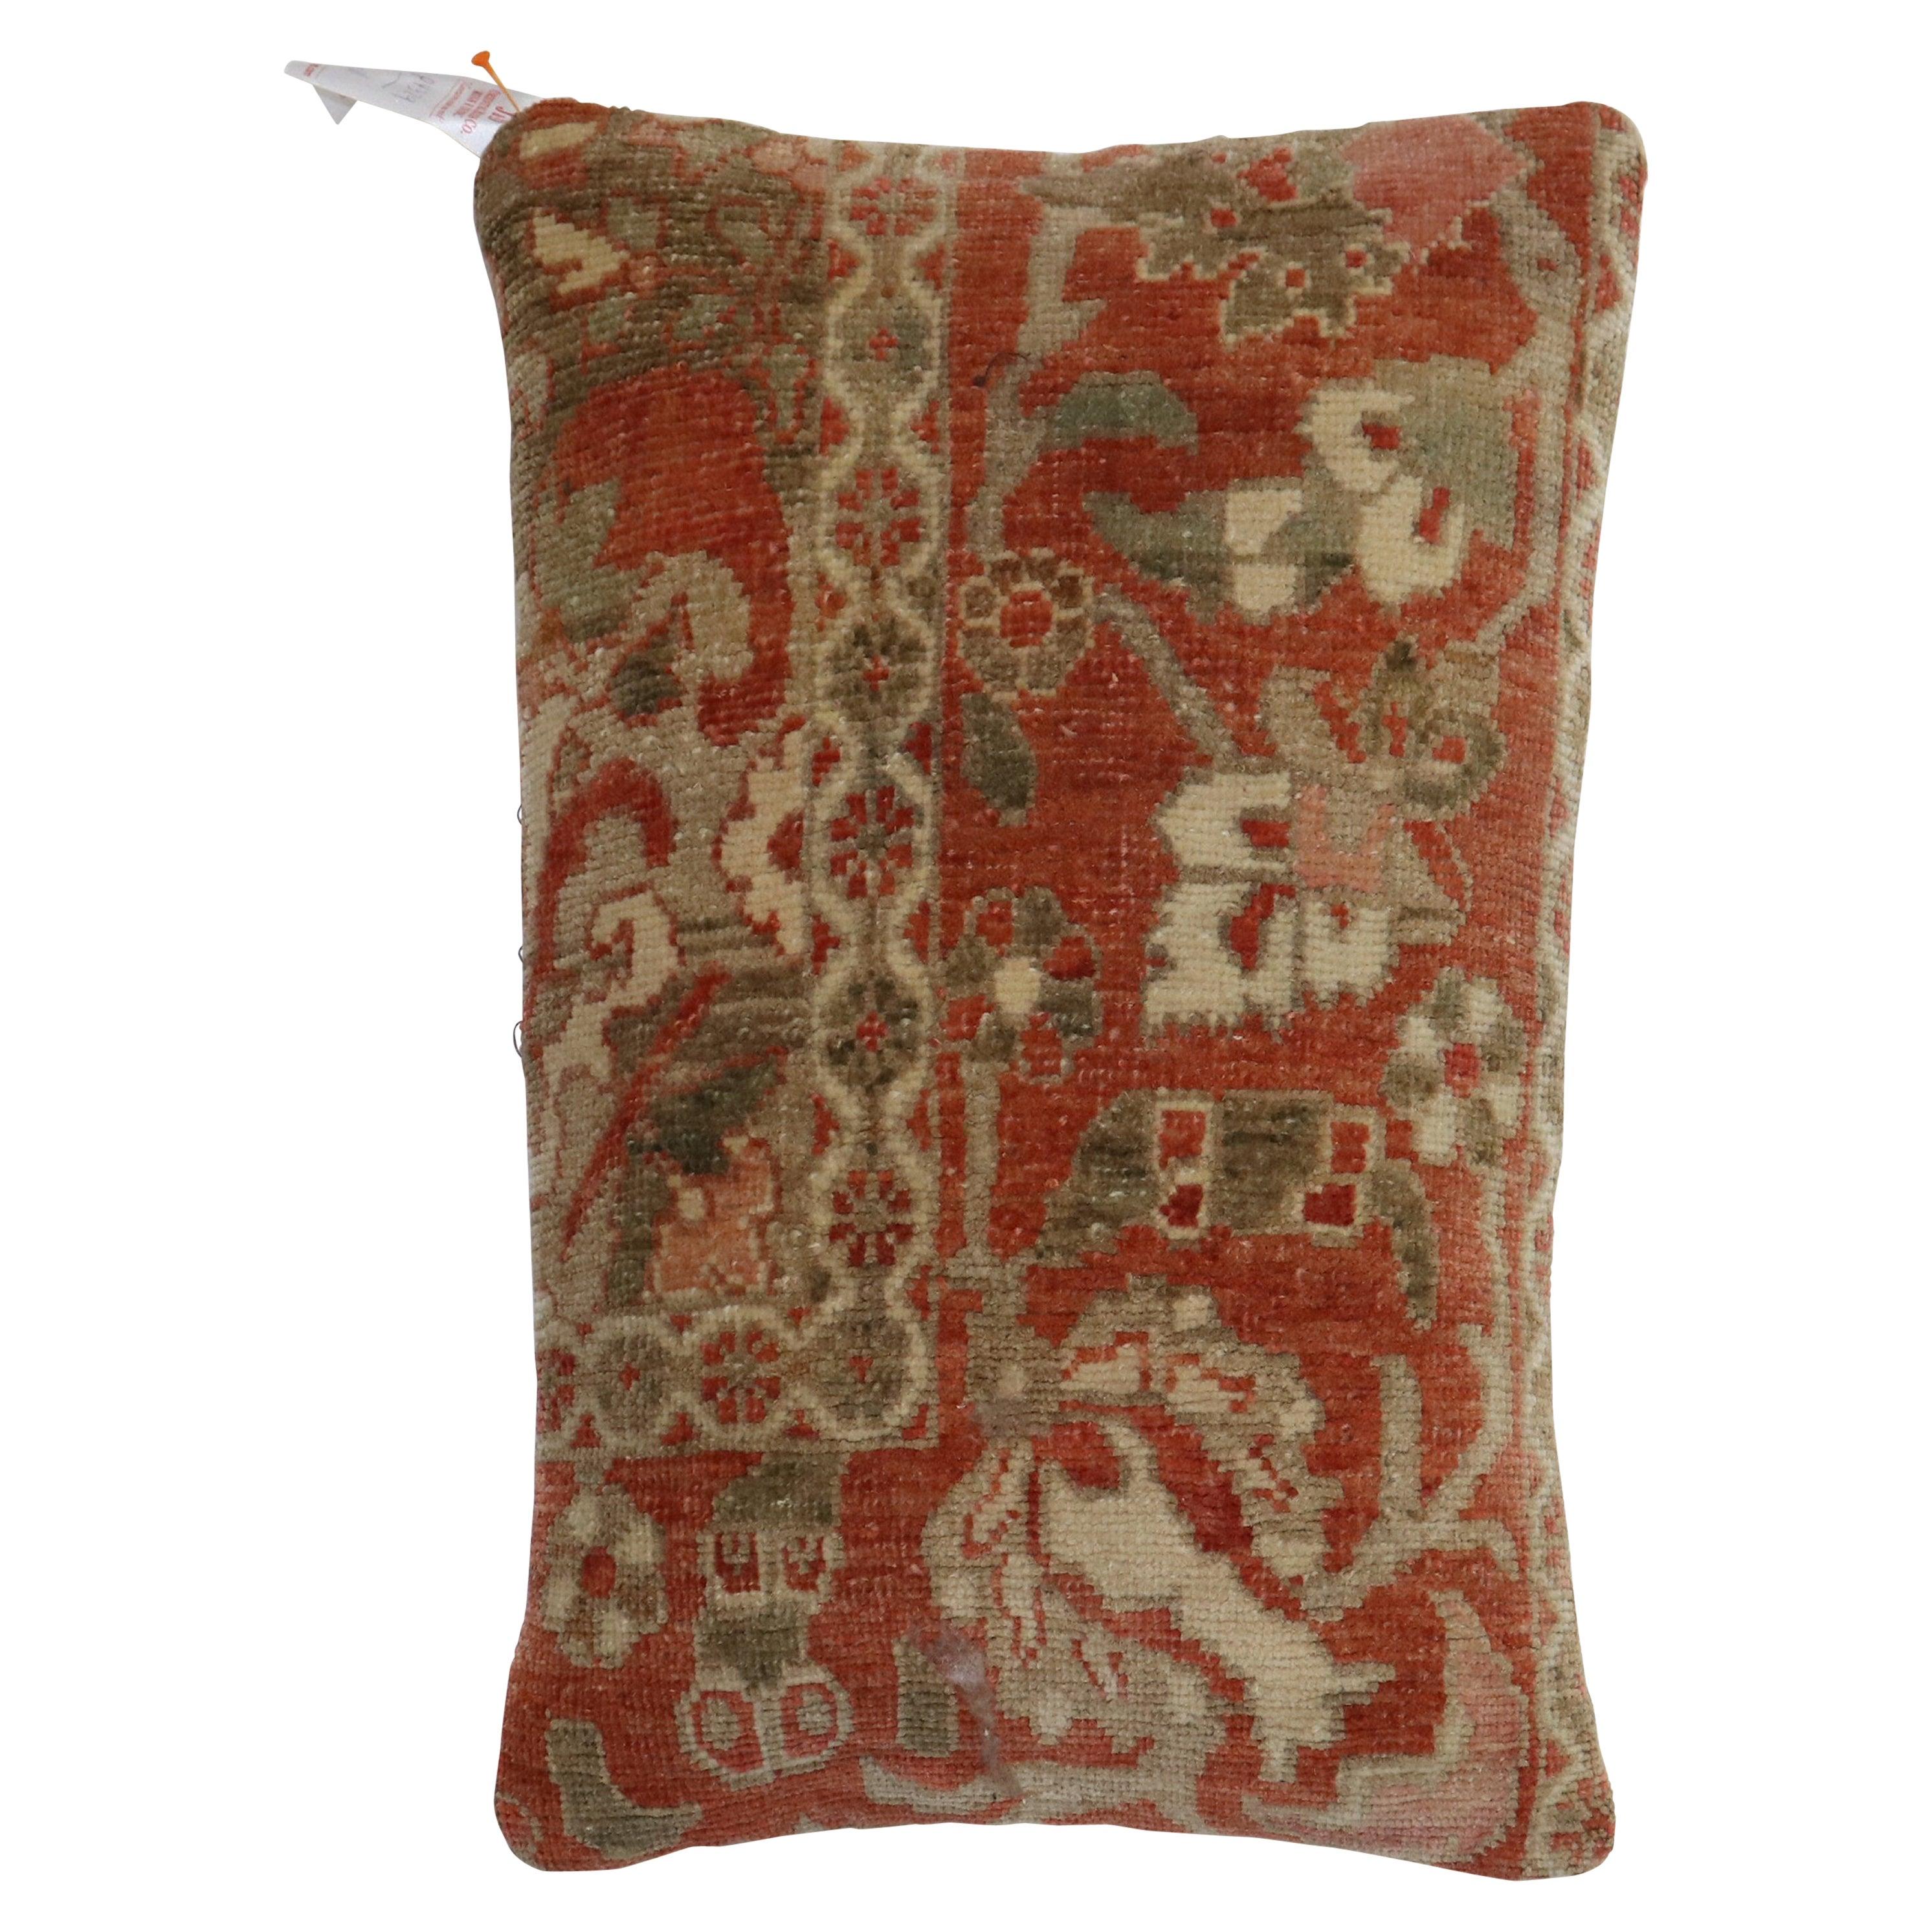 Terracotta Brown Persian Rug Pillow